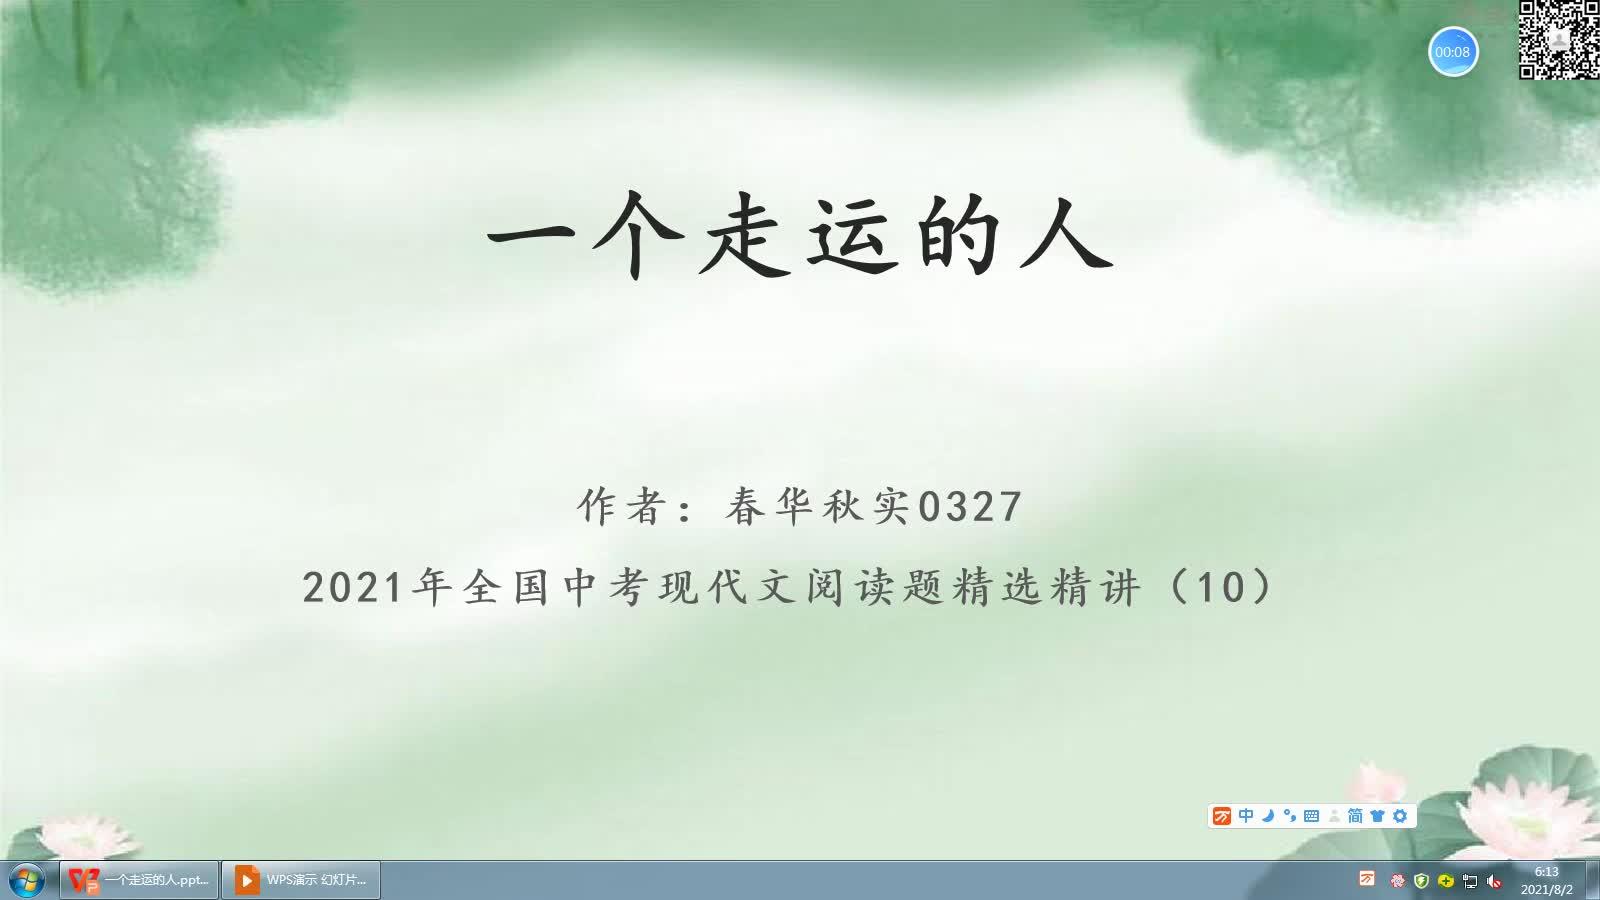 2021年全国中考现代文阅读题讲解视频:《一个走运的人》(2021年湖南省衡阳市中考语文试卷)